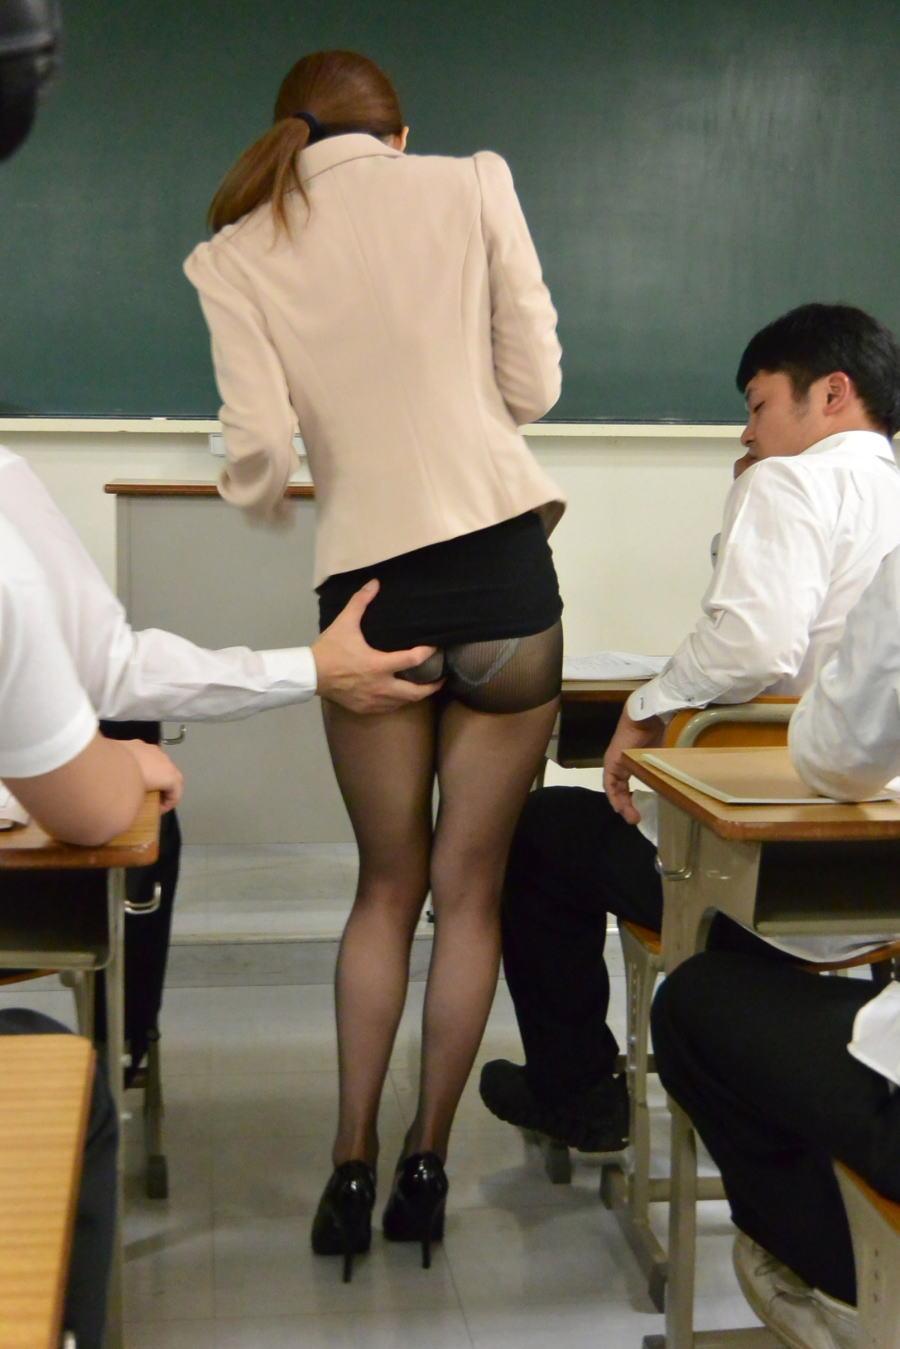 童貞狩りする痴女眼鏡の女教師パンストエロ画像2枚目